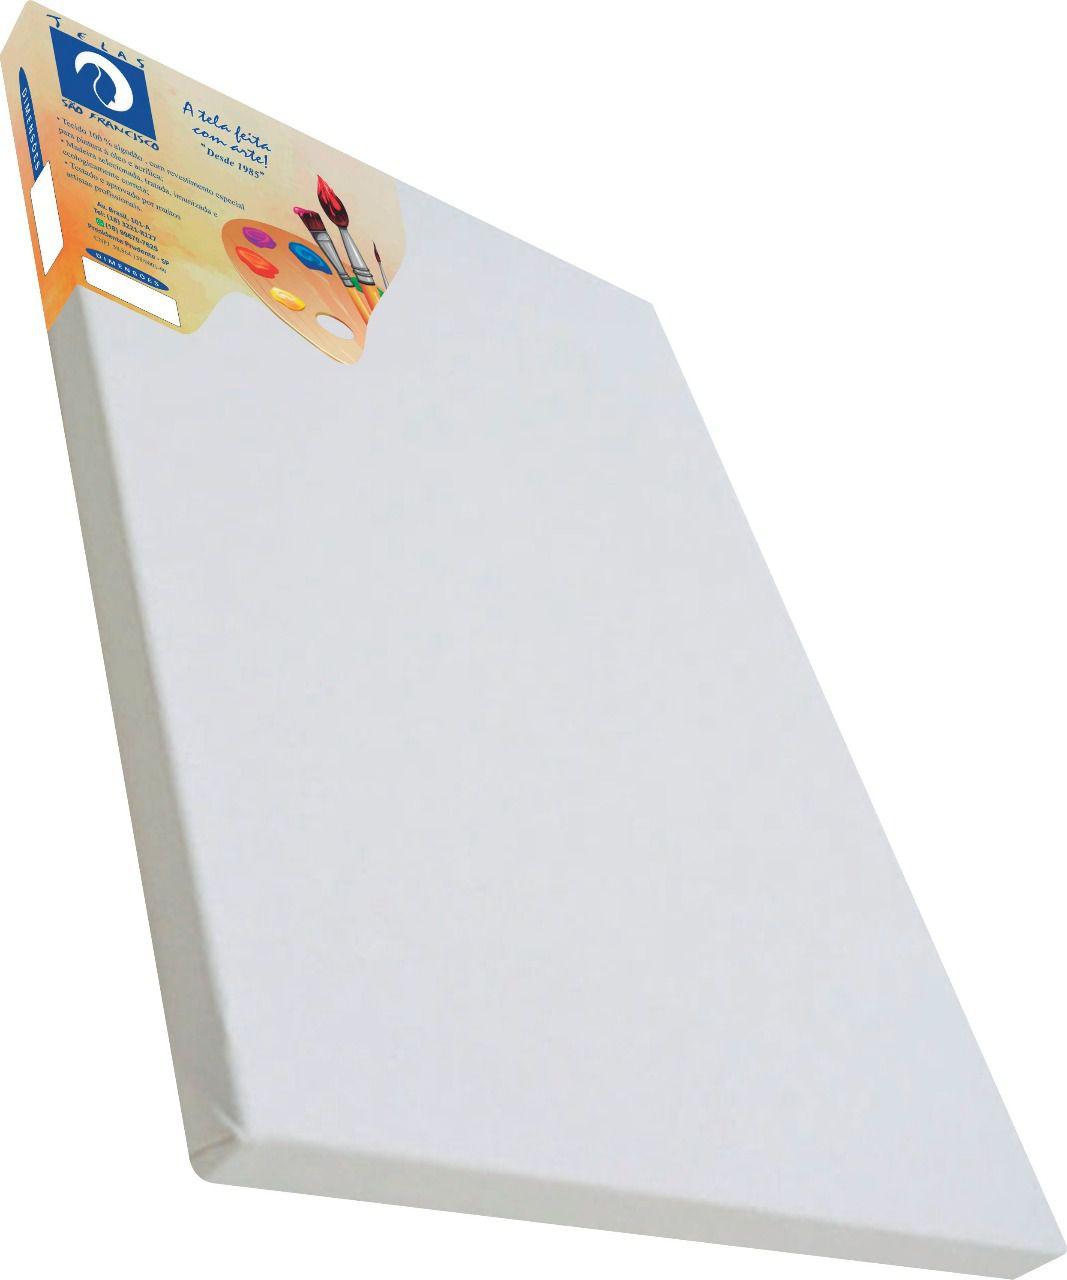 Tela comum para pintura 9x12cm - São Francisco